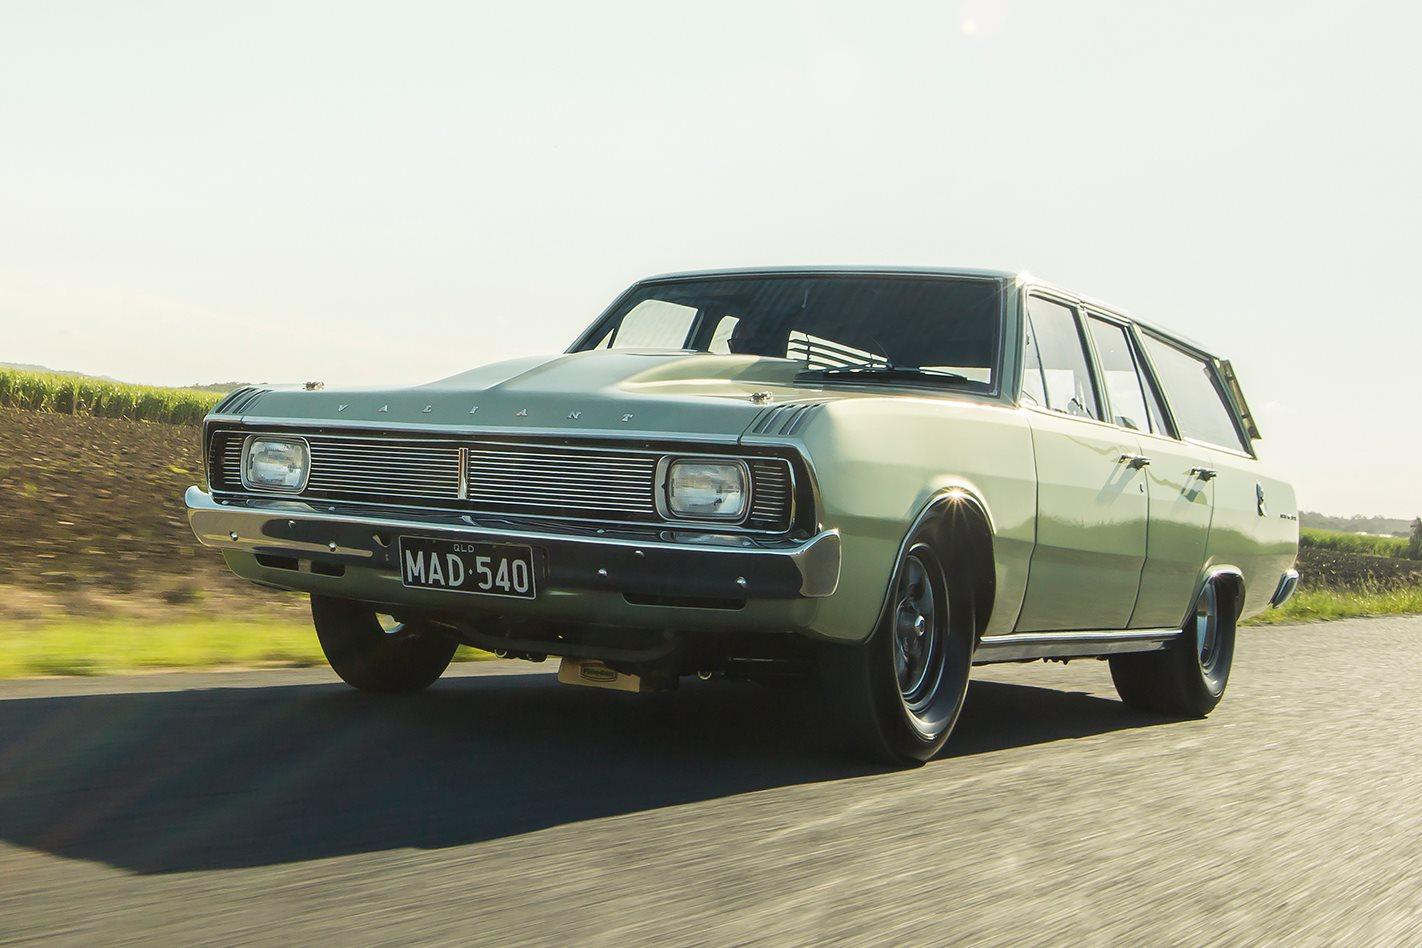 540-CUBE BIG-BLOCK 1970 CHRYSLER VG VALIANT WAGON